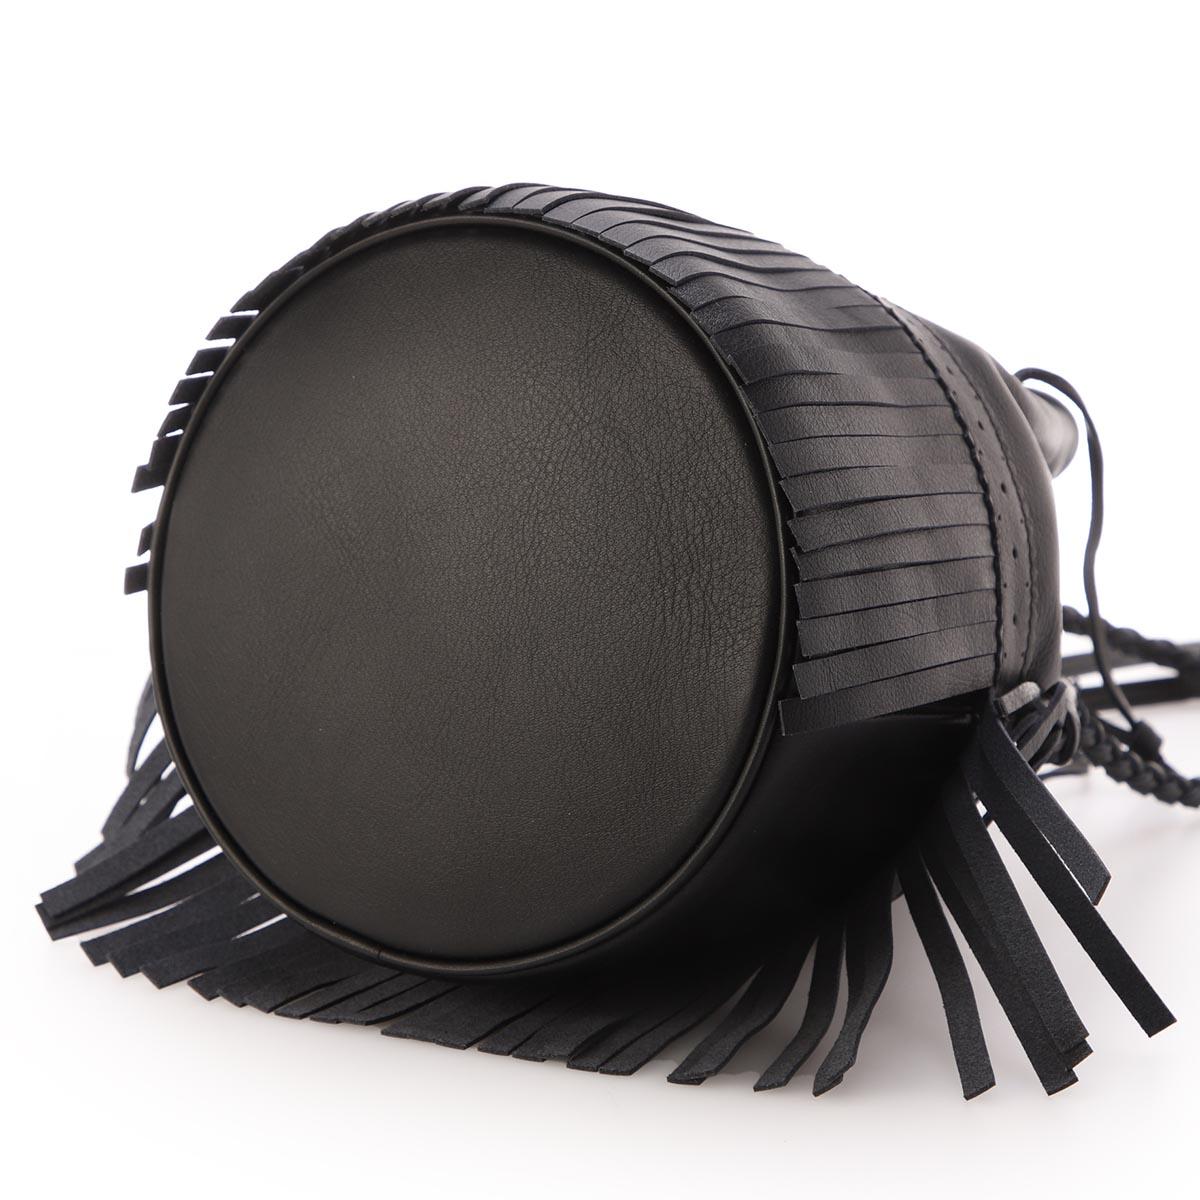 【タイムセール】J&M DAVIDSON ジェイ&エム デヴィッドソン ショルダーバッグ 2WAY/MEDIUM CARNIVAL 「1355-7314」 レディース